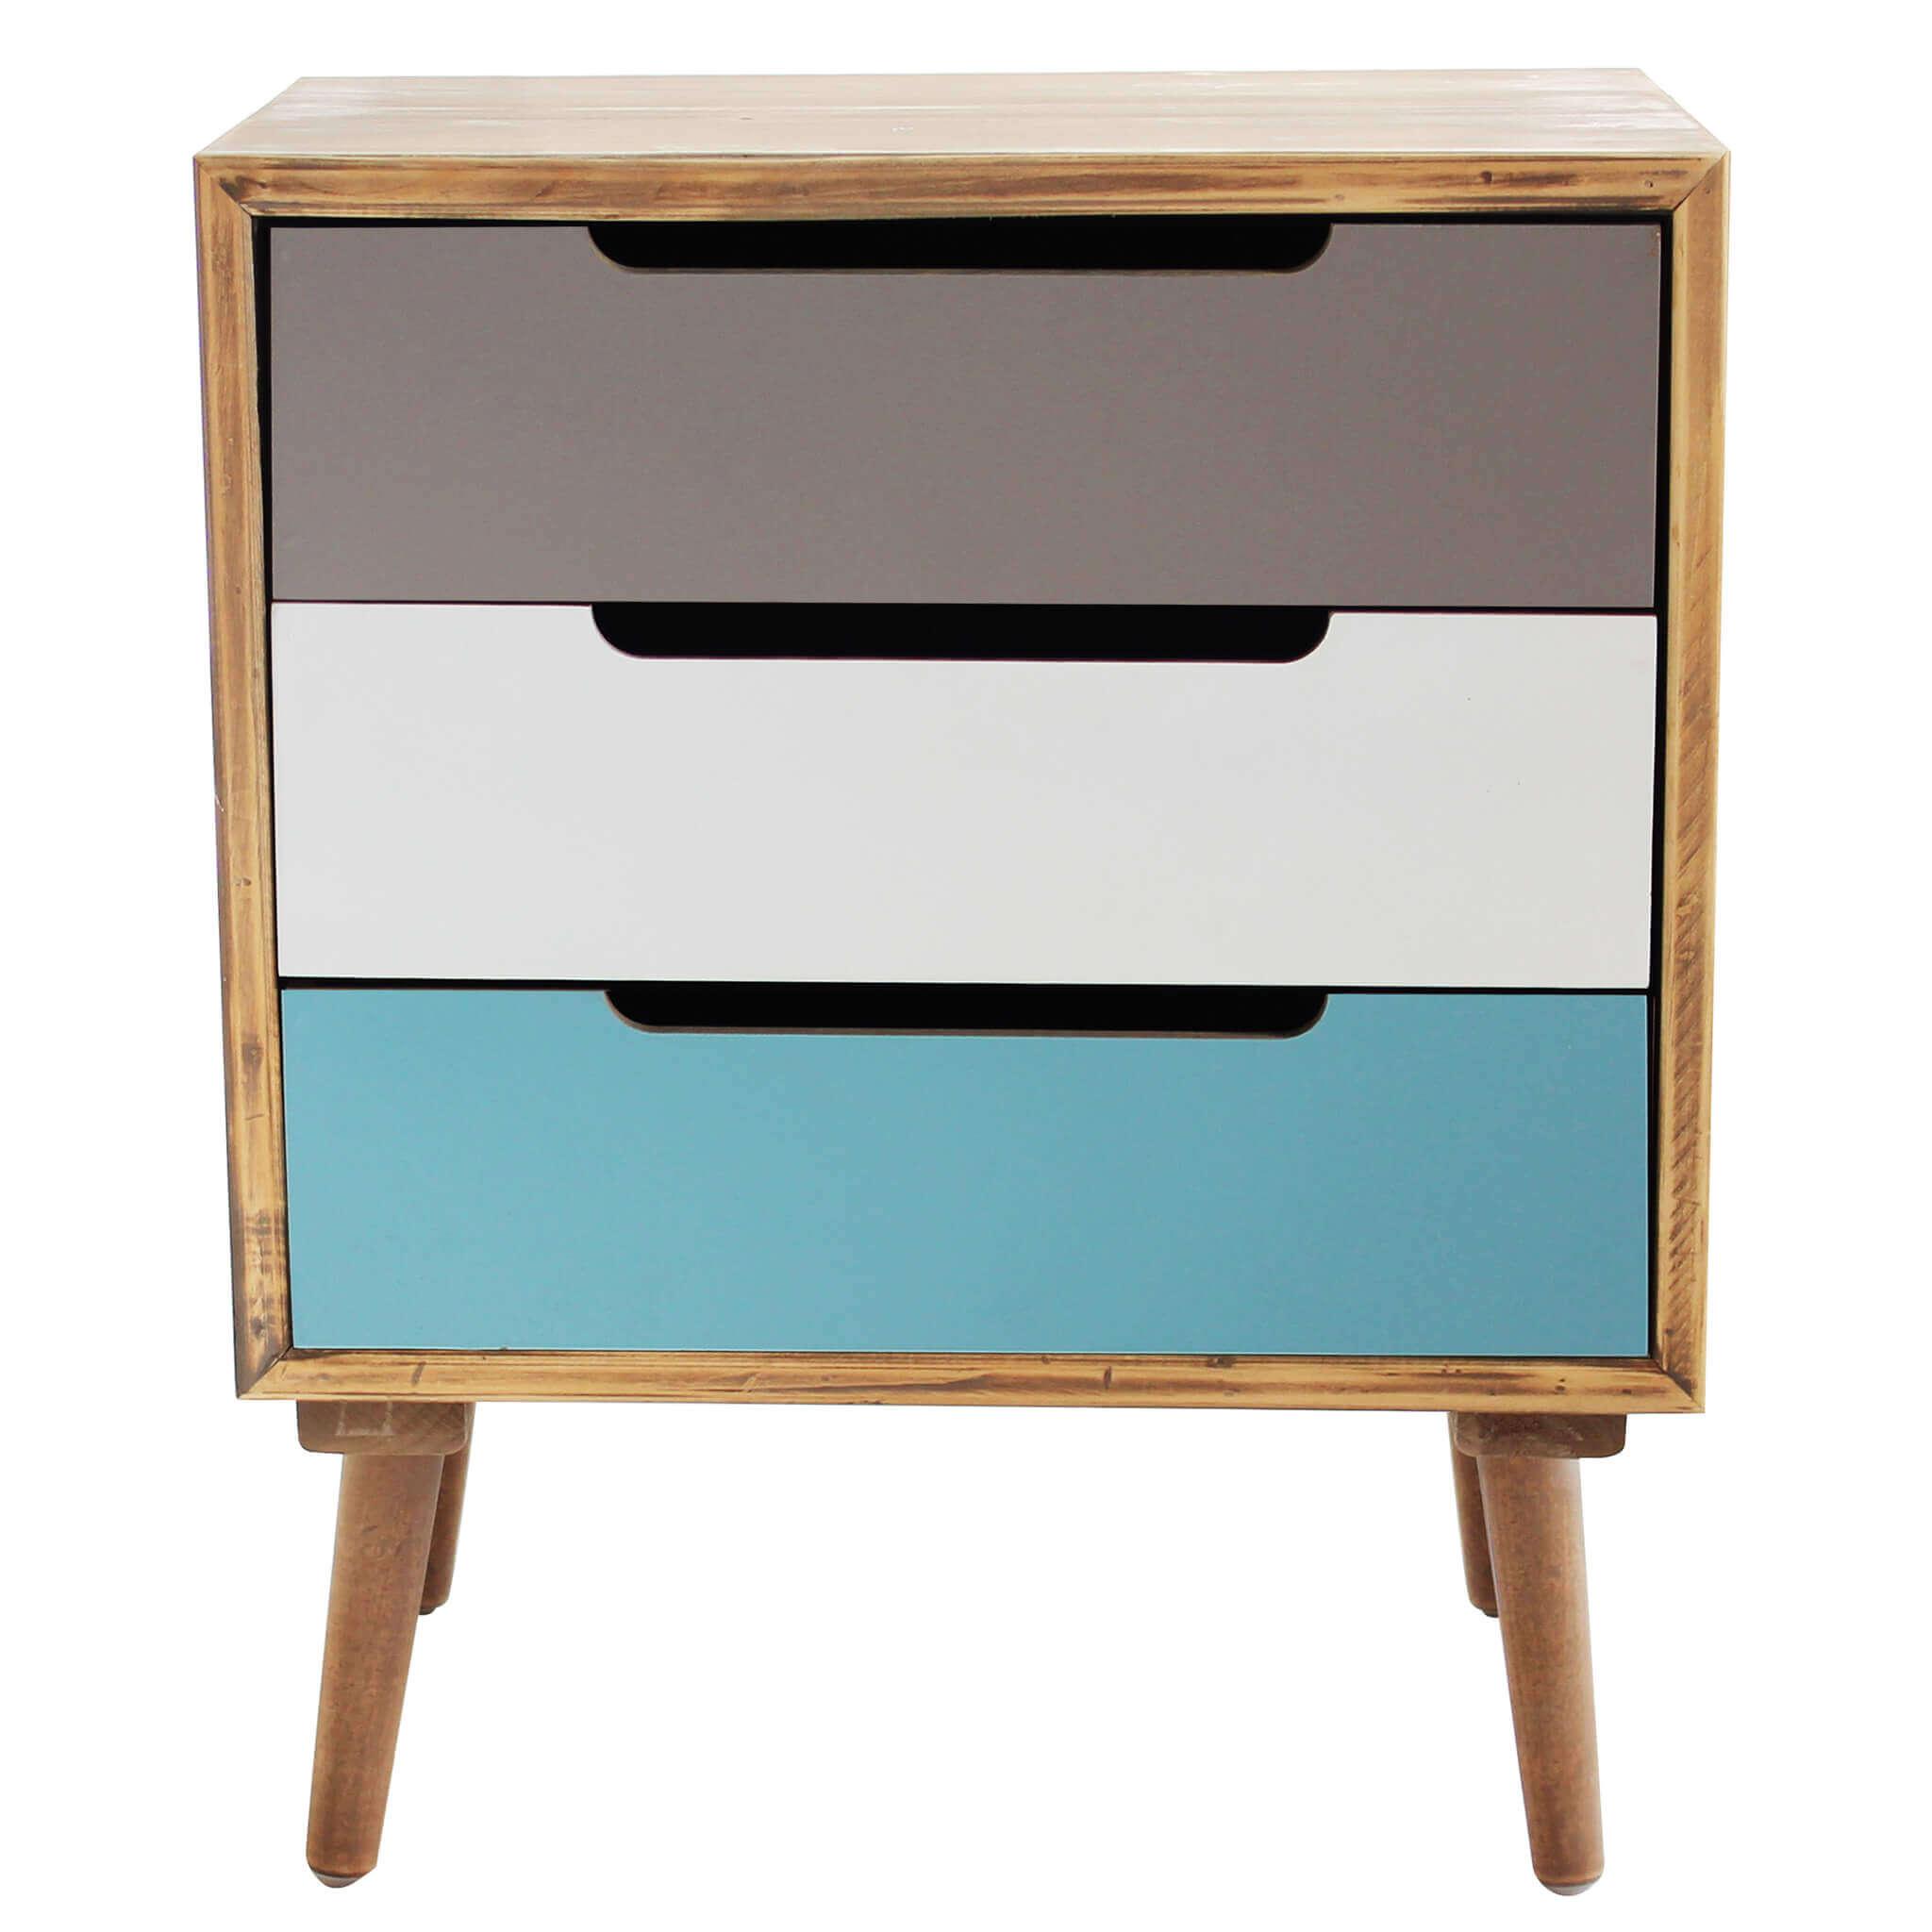 Milani Home ADELINE - mobiletto 3 cassetti in mdf multicolor 45,5 x 35,5 x 57,5